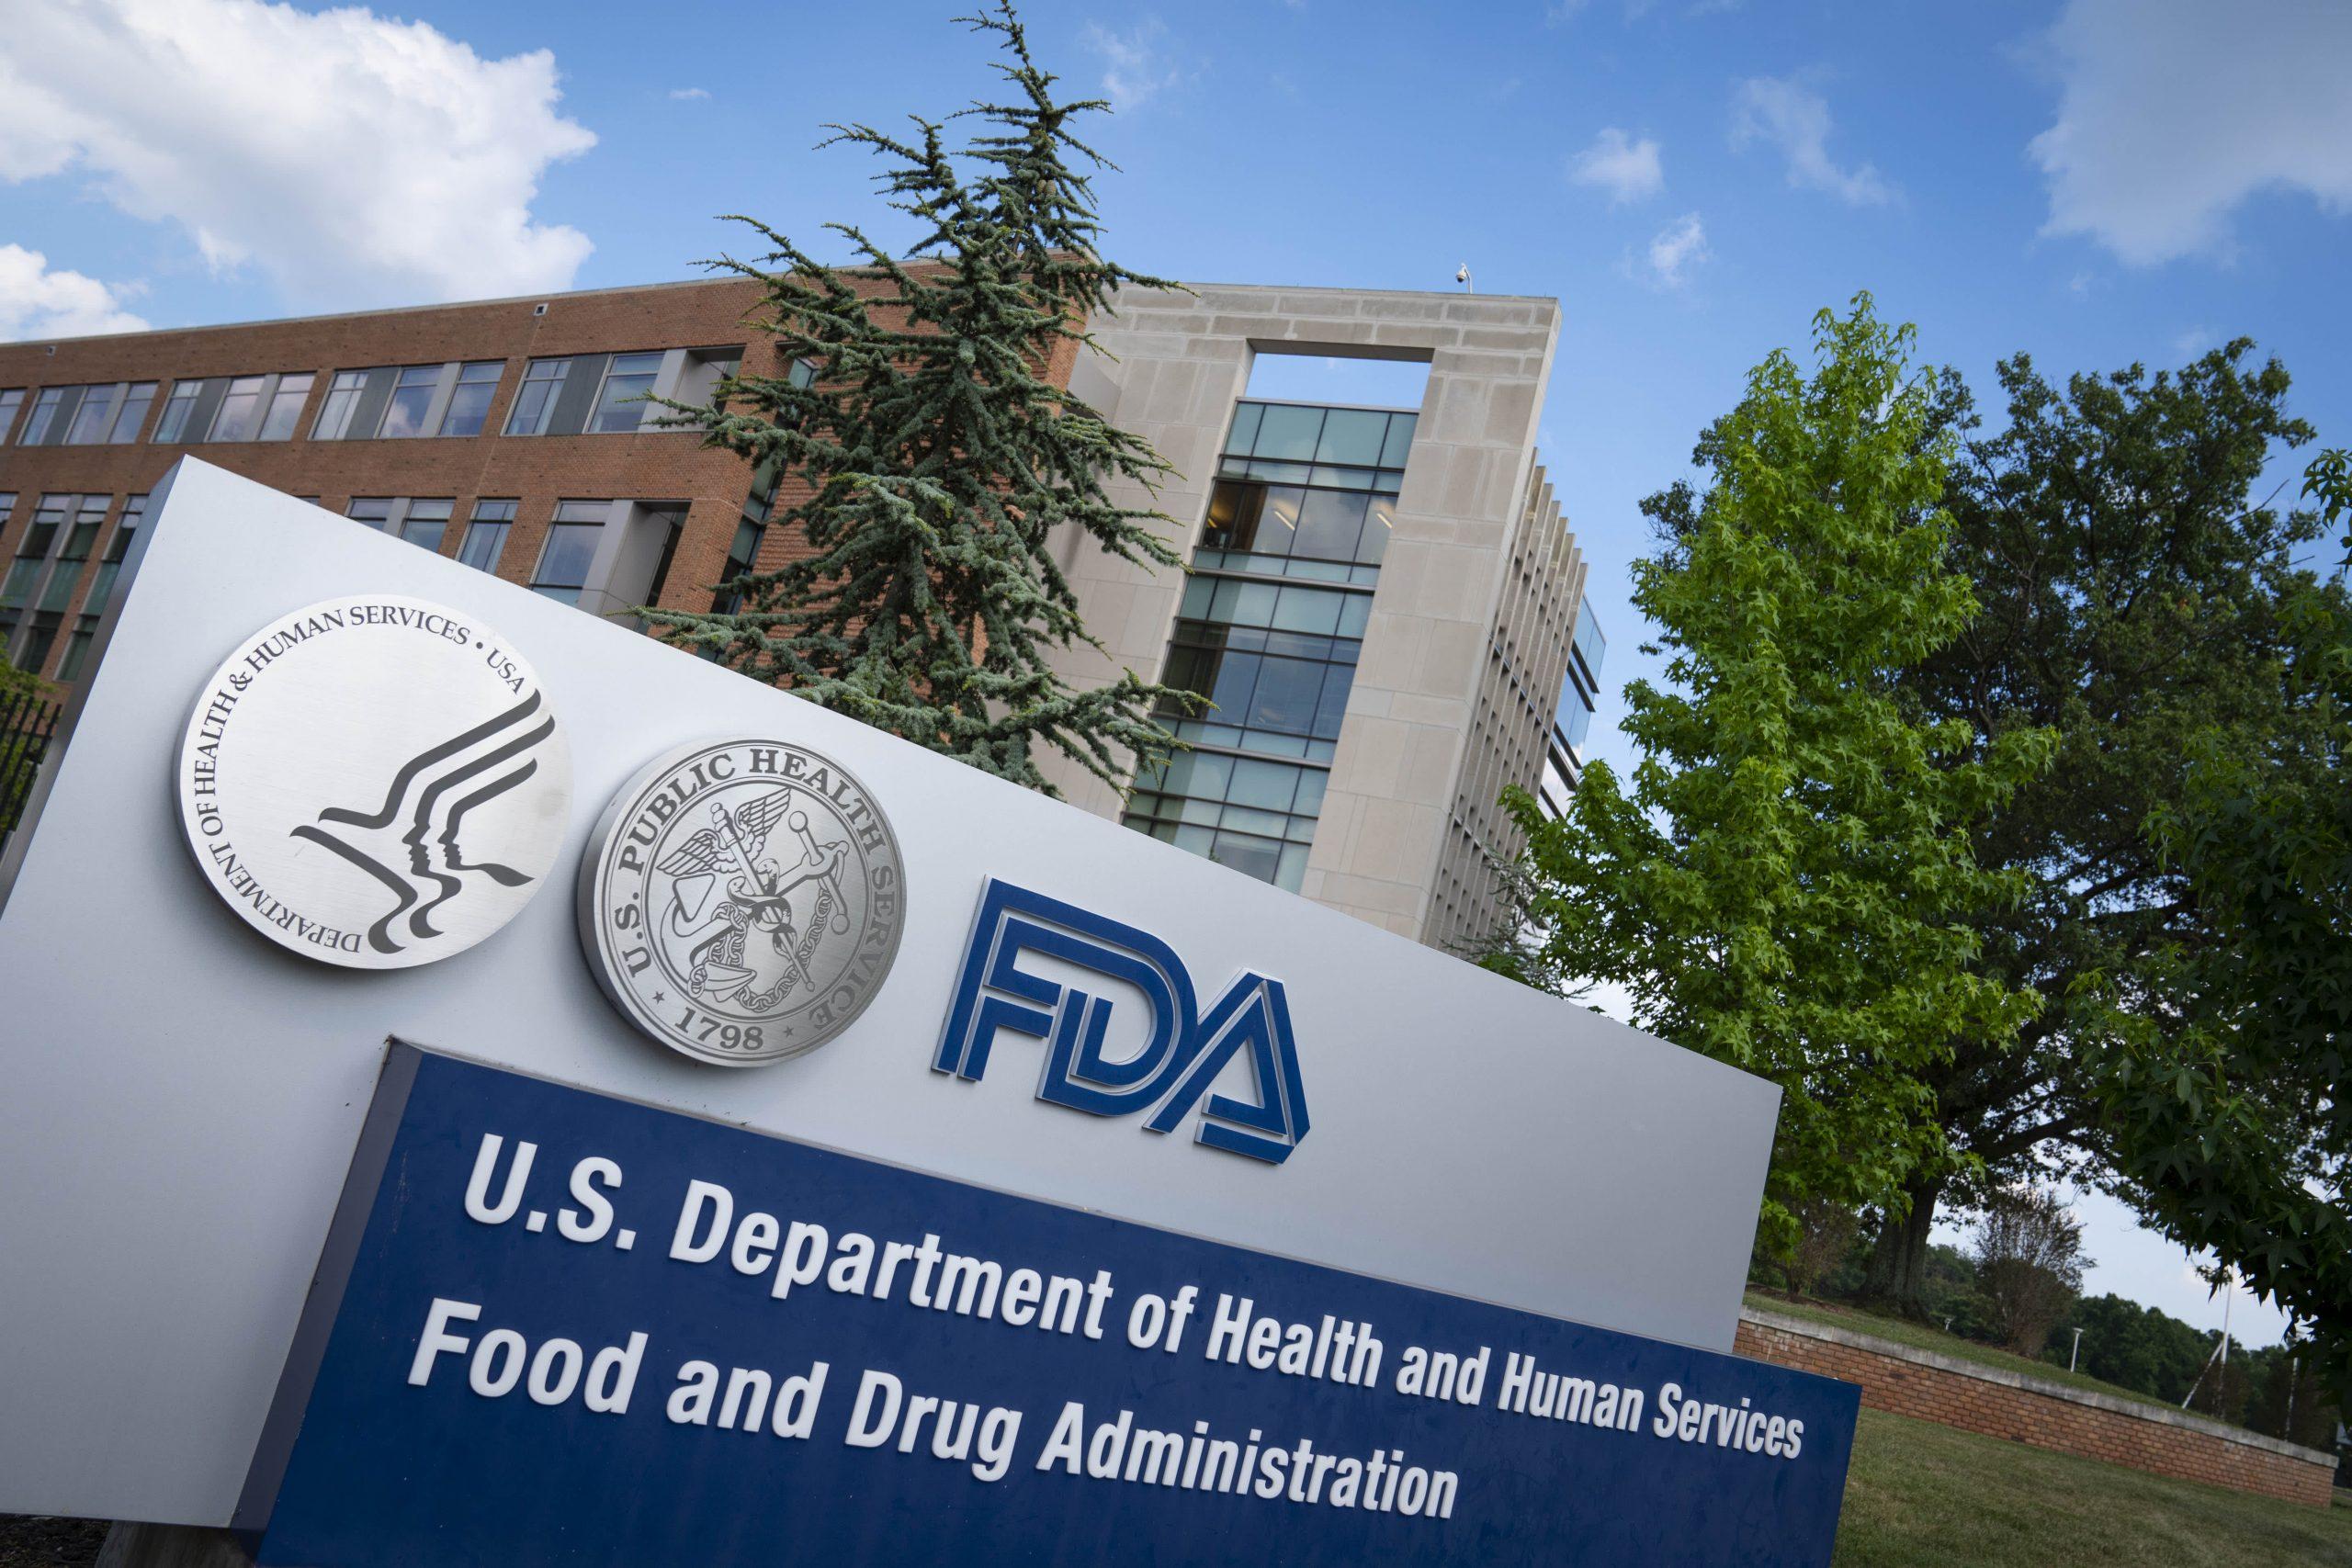 Third member of prestigious FDA panel resigns over approval of Biogen's Alzheimer's drug